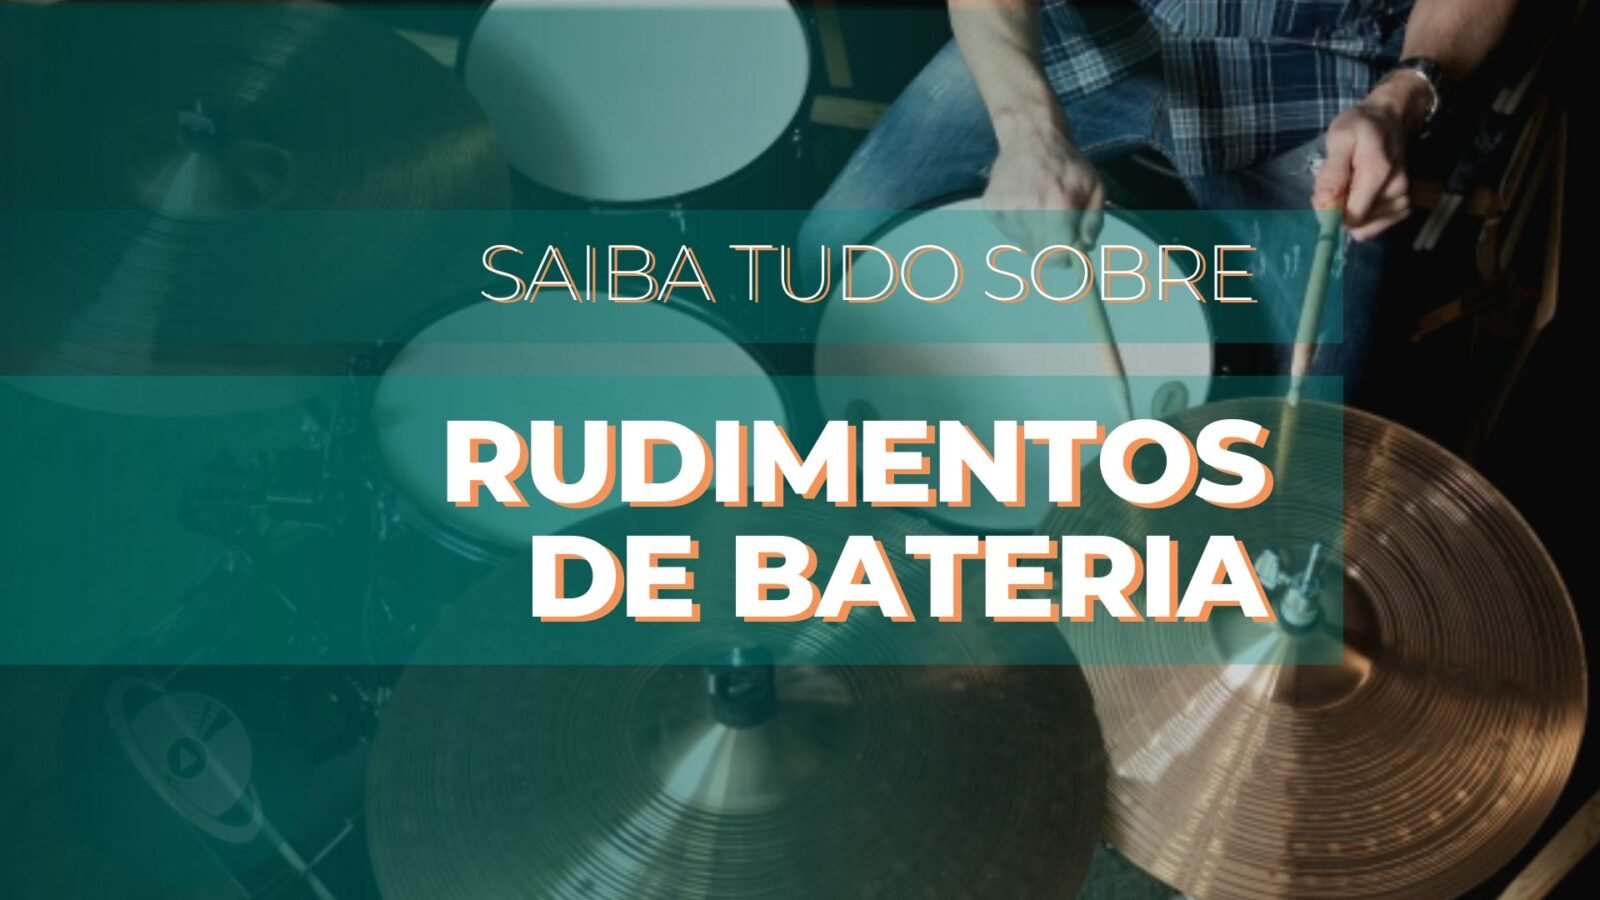 rudimentos para bateria - conheça 40 rudimentos para bateria com o professor Bruno Fonseca